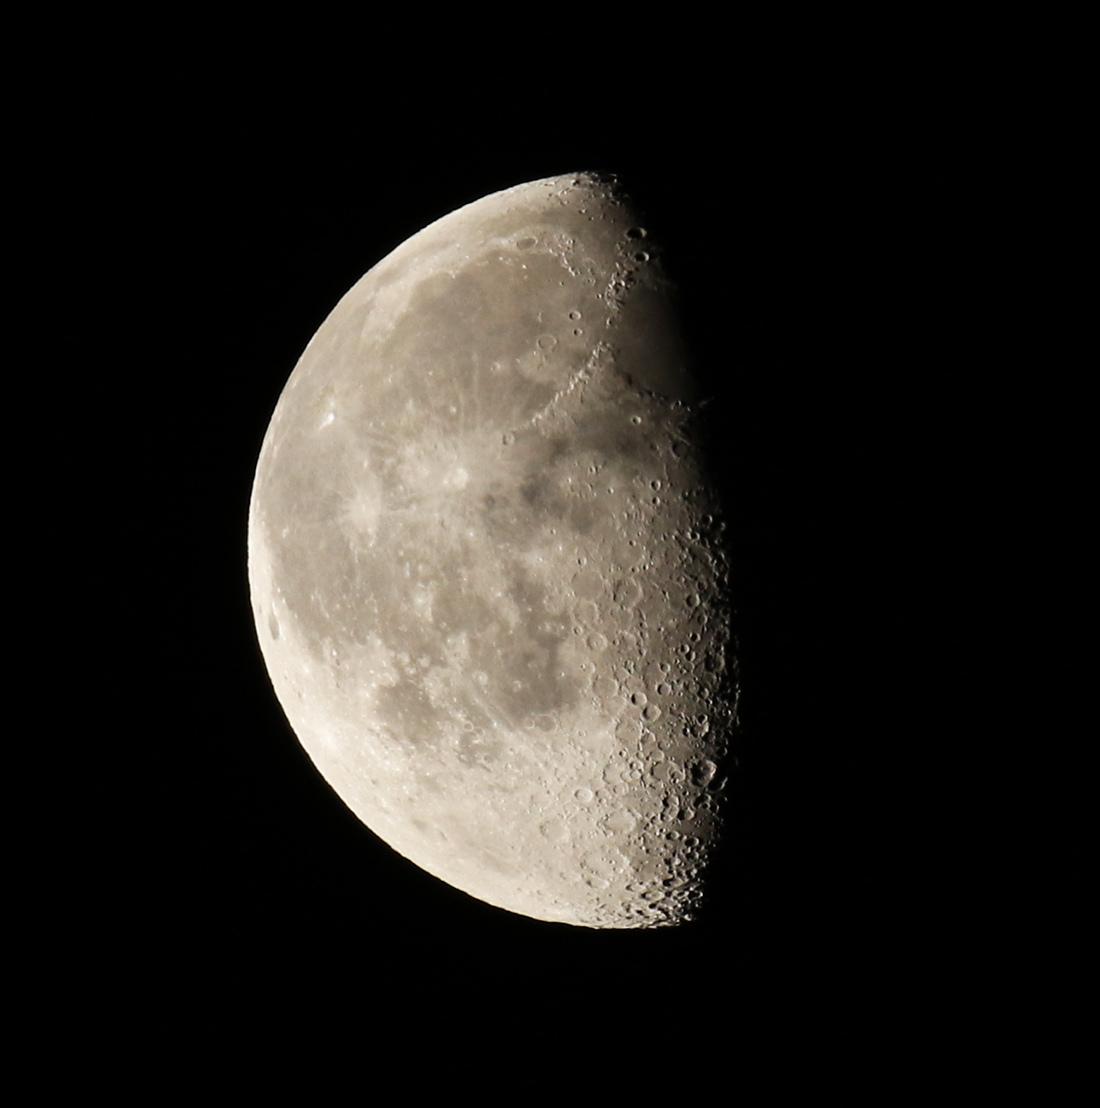 la lune, au matin du 27/et 28/12/2018 (54359/459/4435)